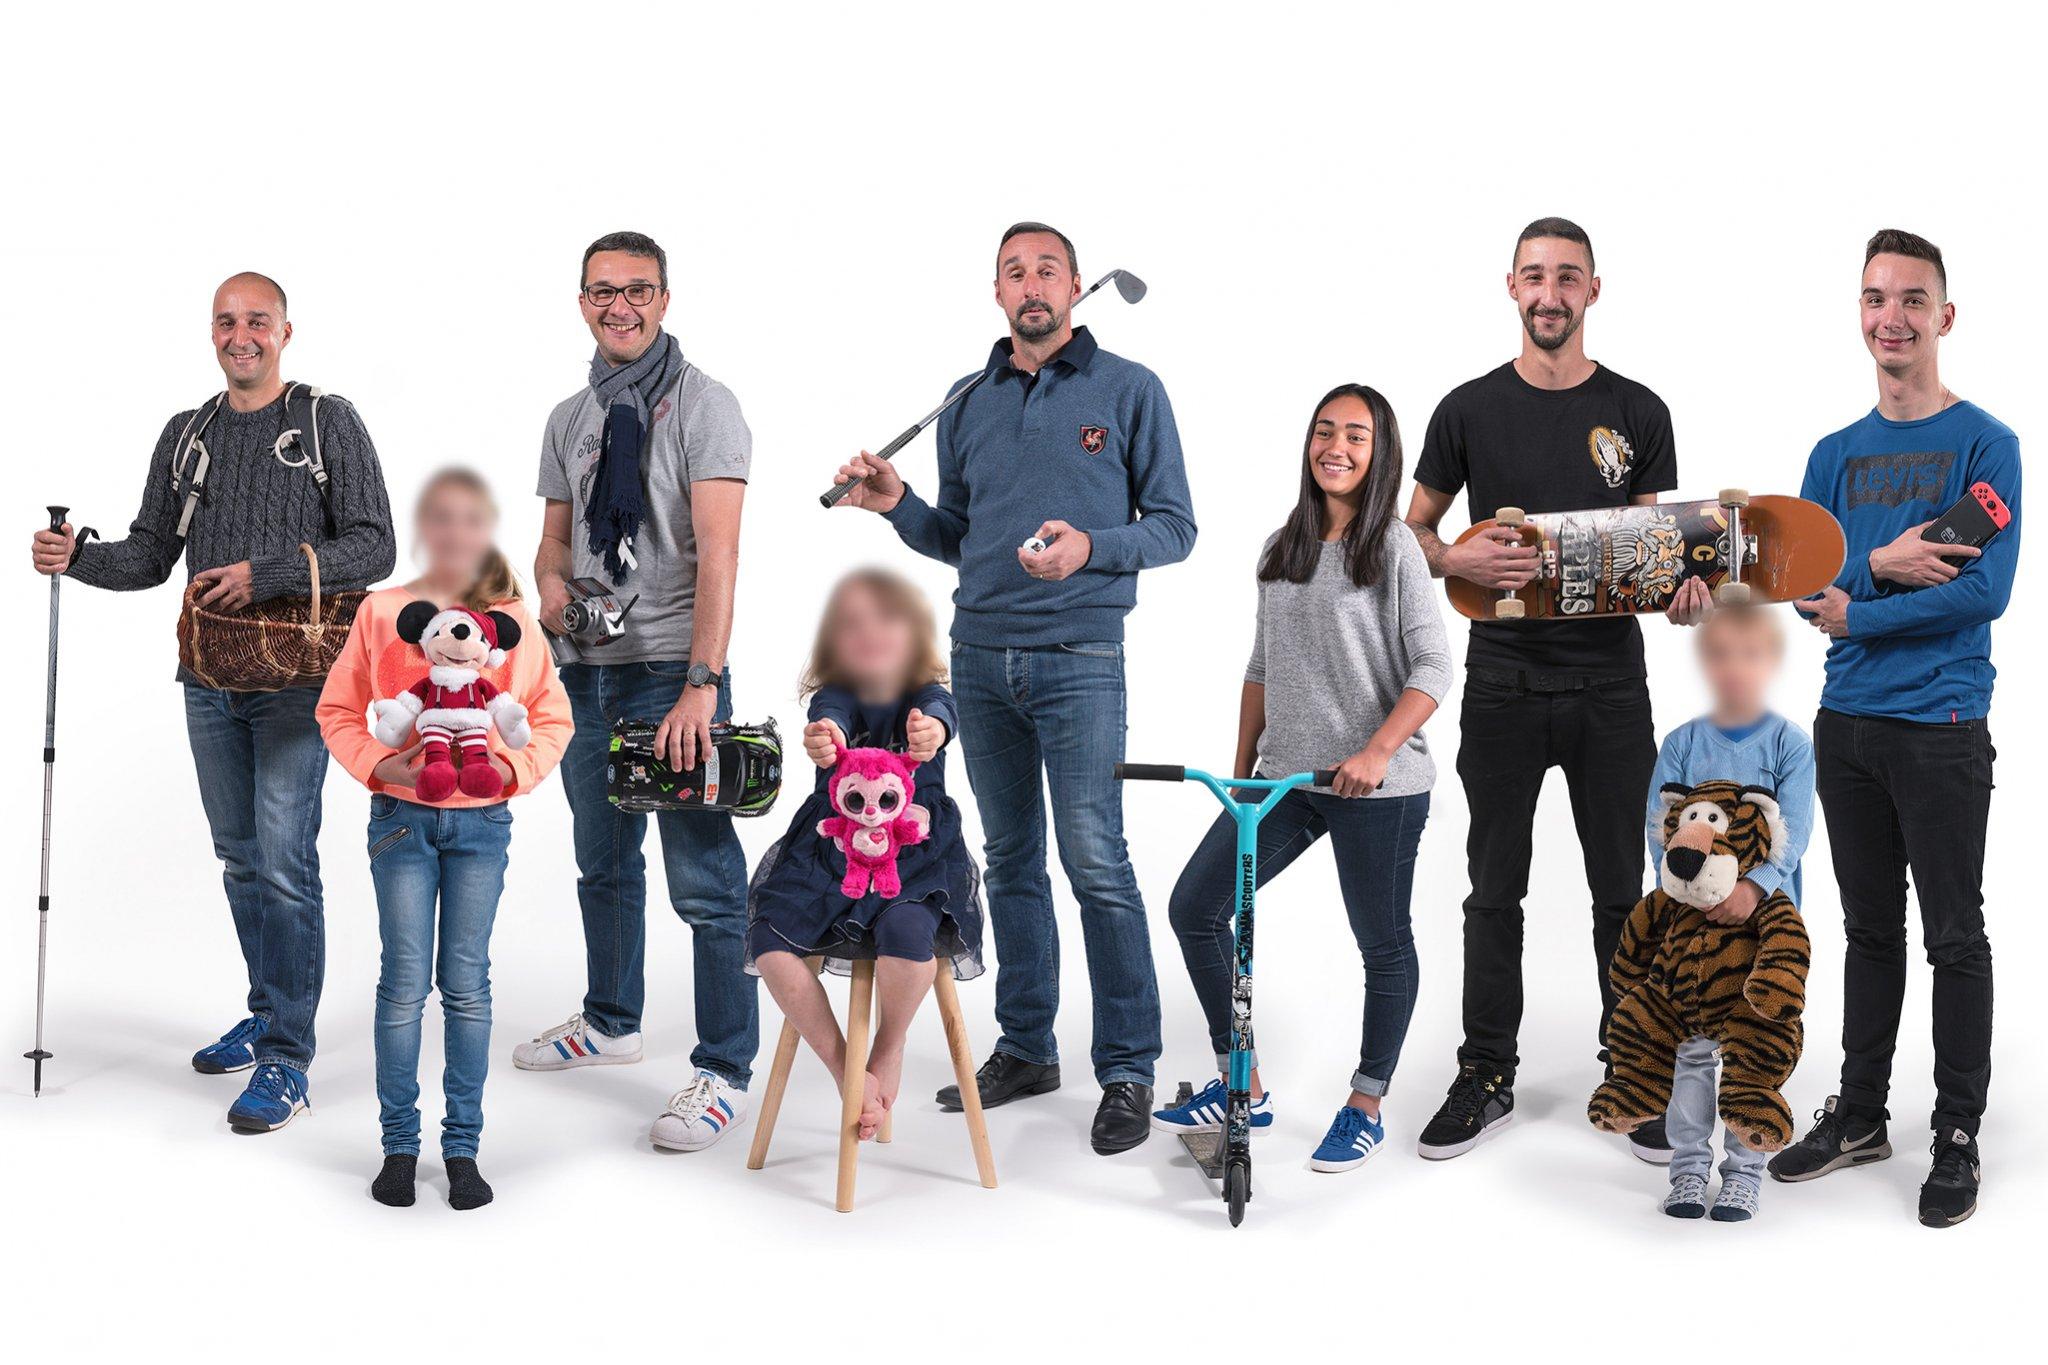 Photographe Lyon Villeurbanne - portrait famille groupe